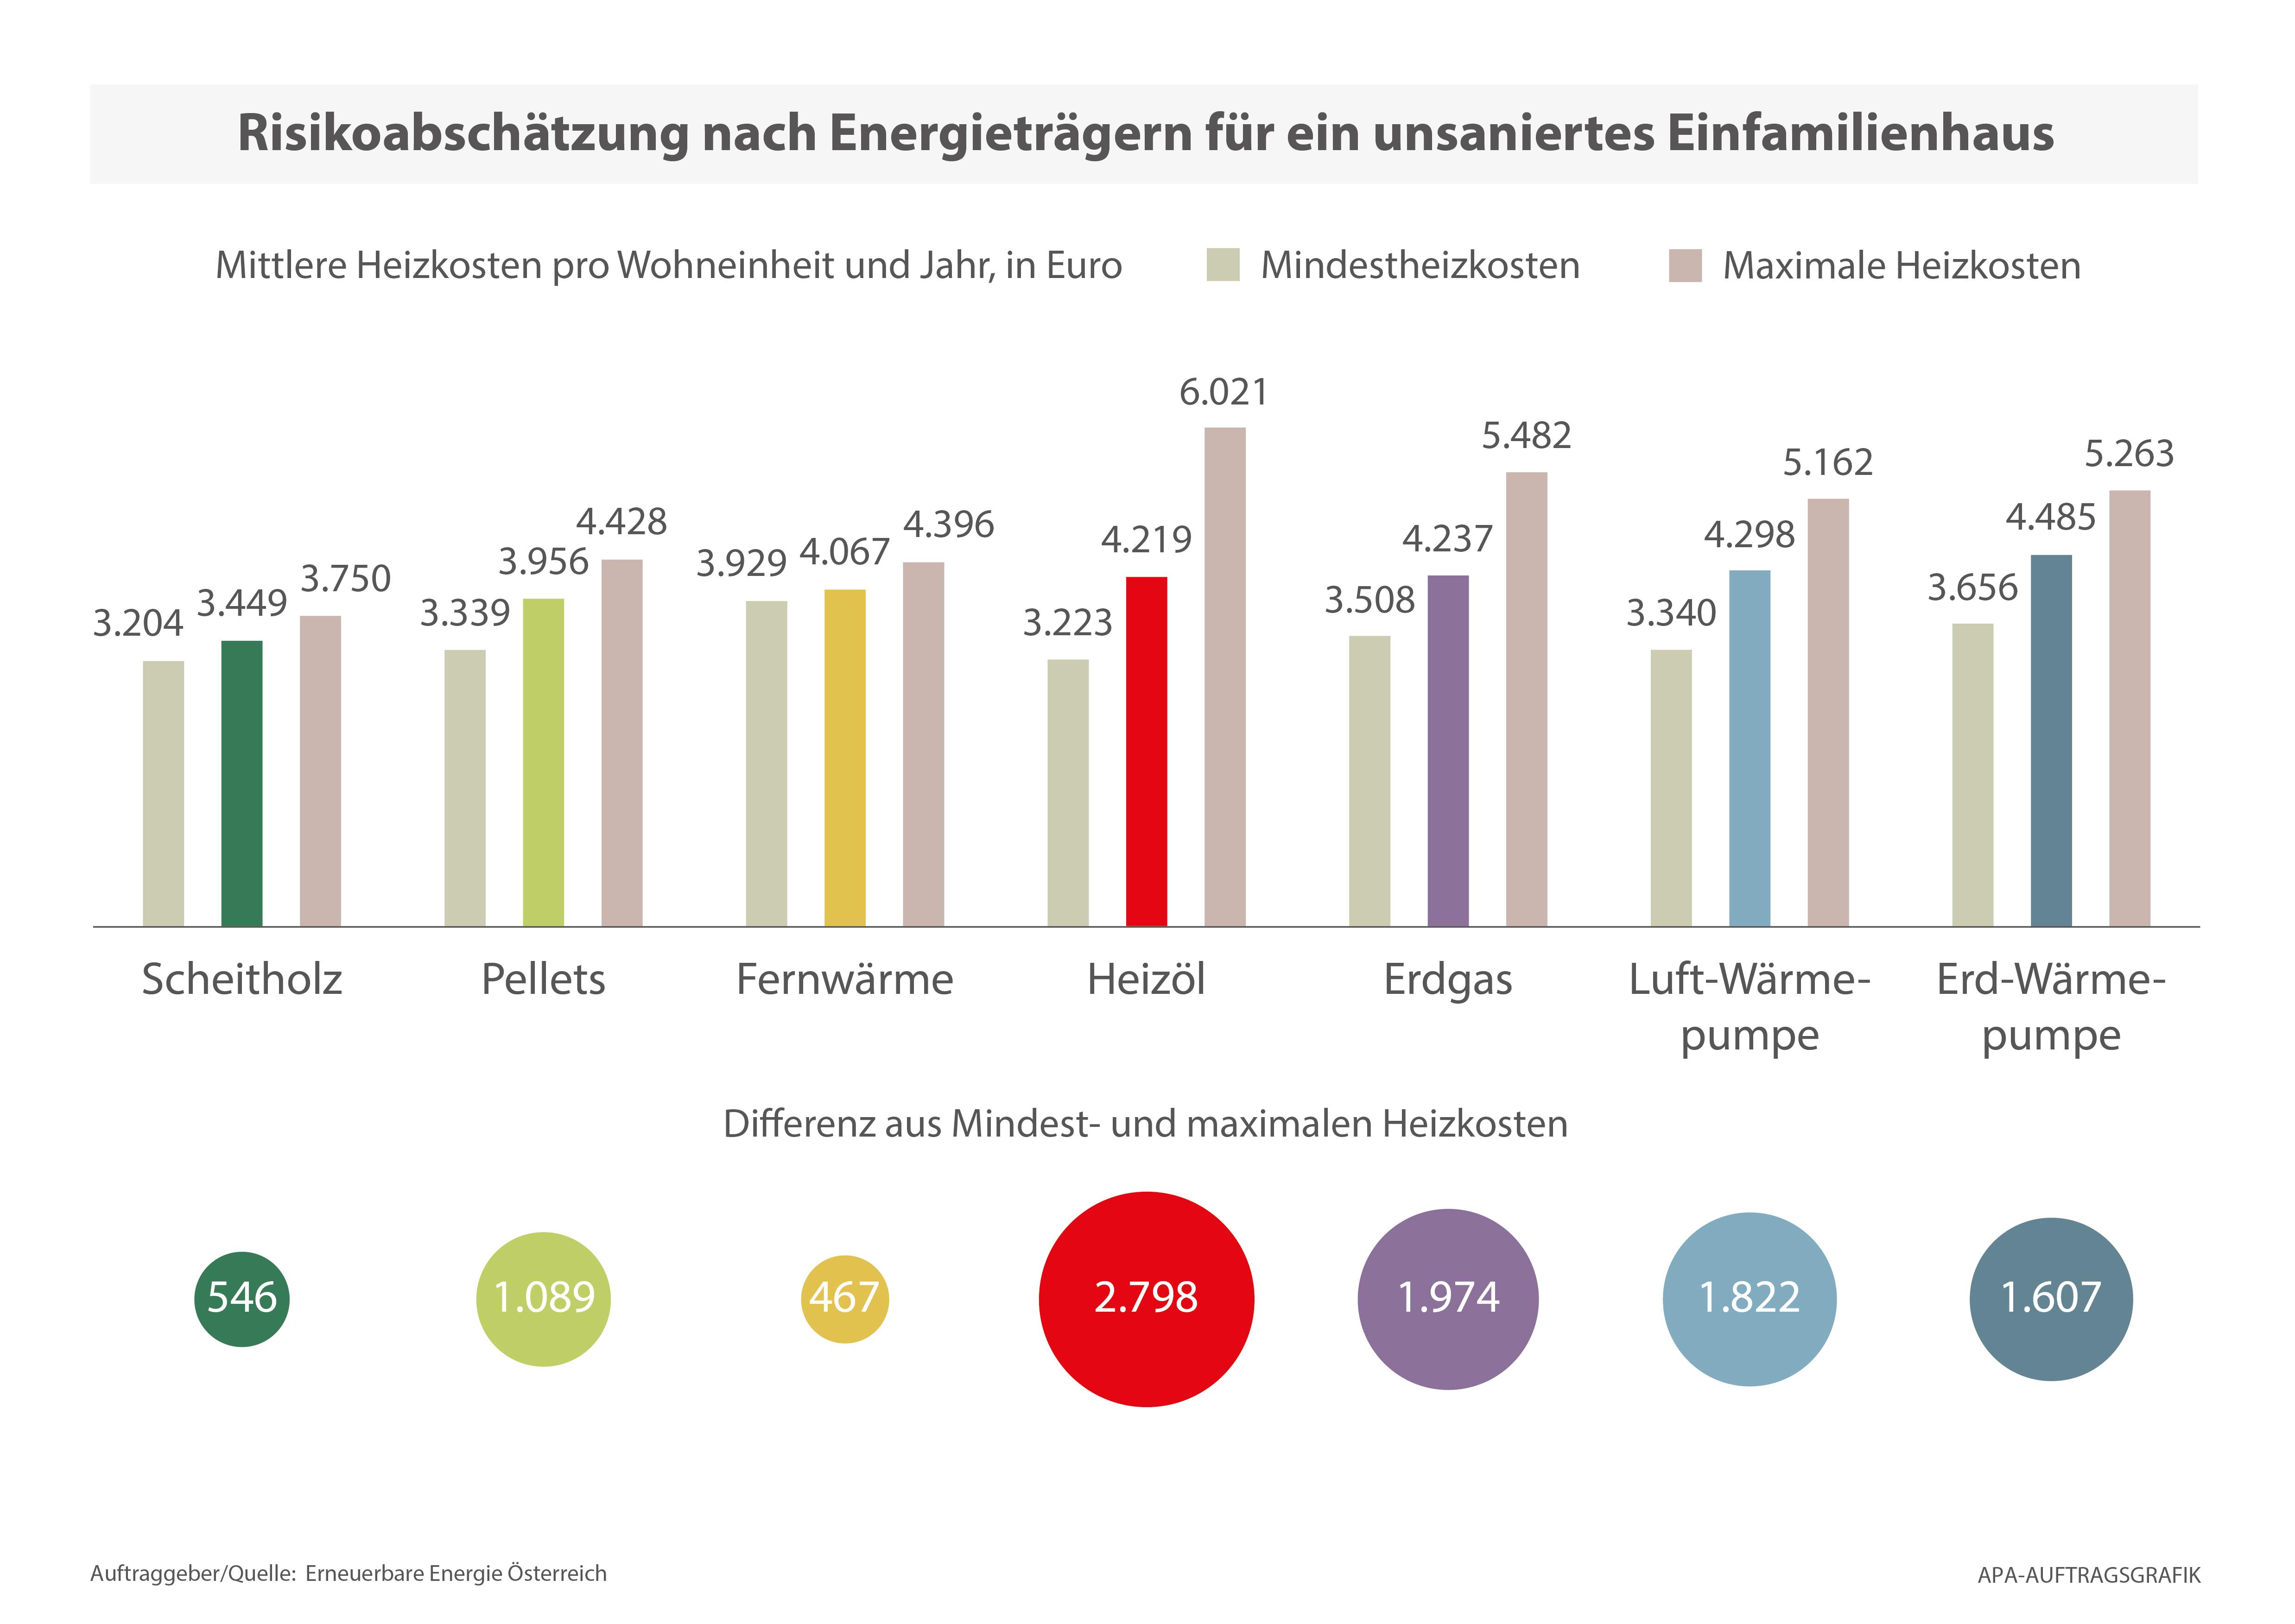 Heizkostenvergleich der TU Wien - Was kostet Heizen wirklich?